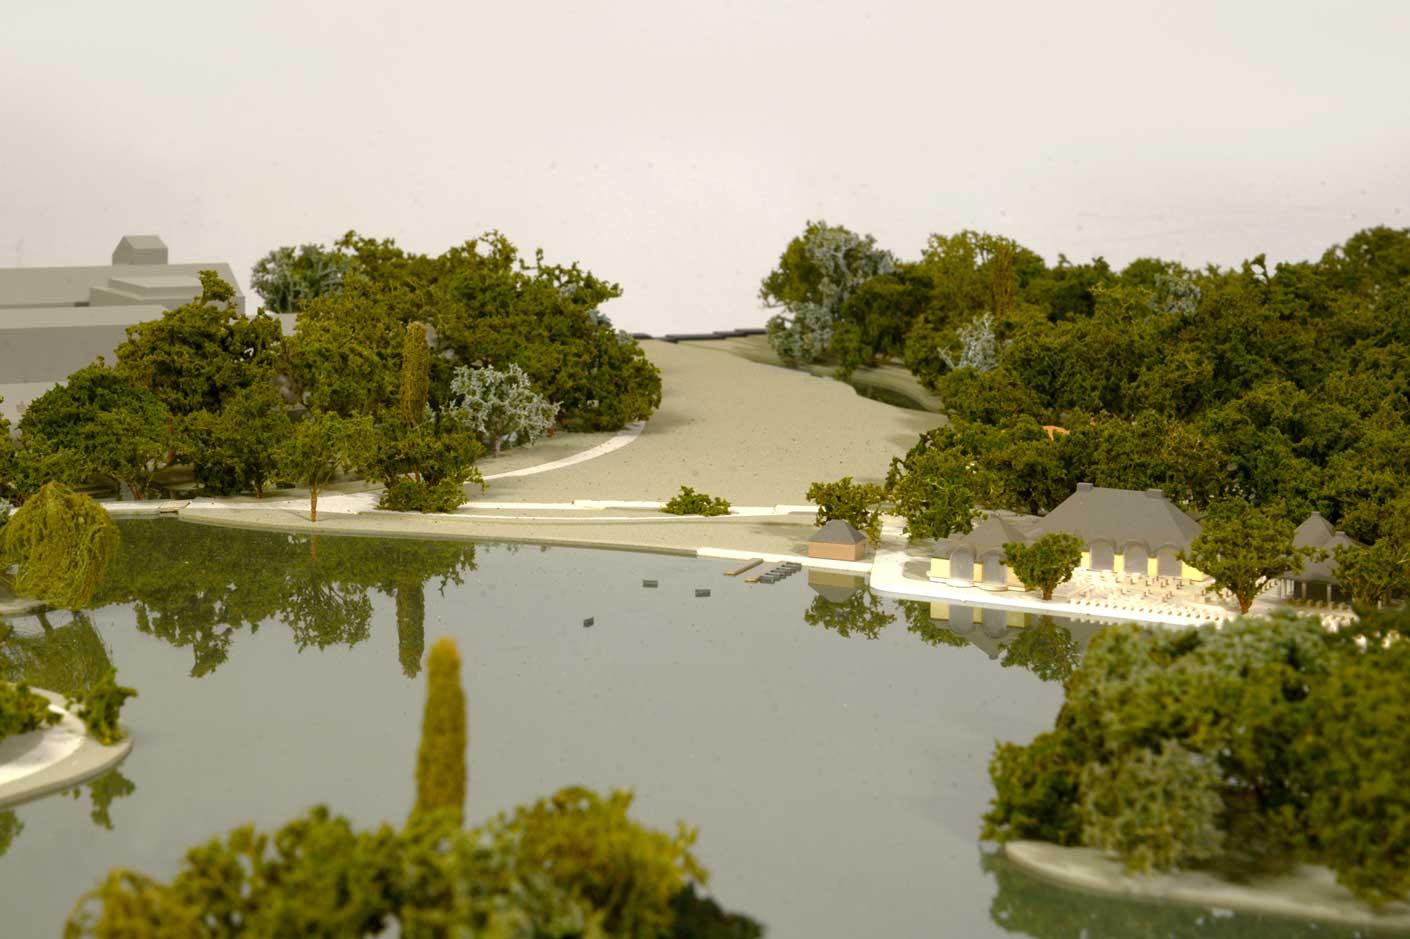 Gartenmodell des Englischen Gartens, Blick auf Seehaus